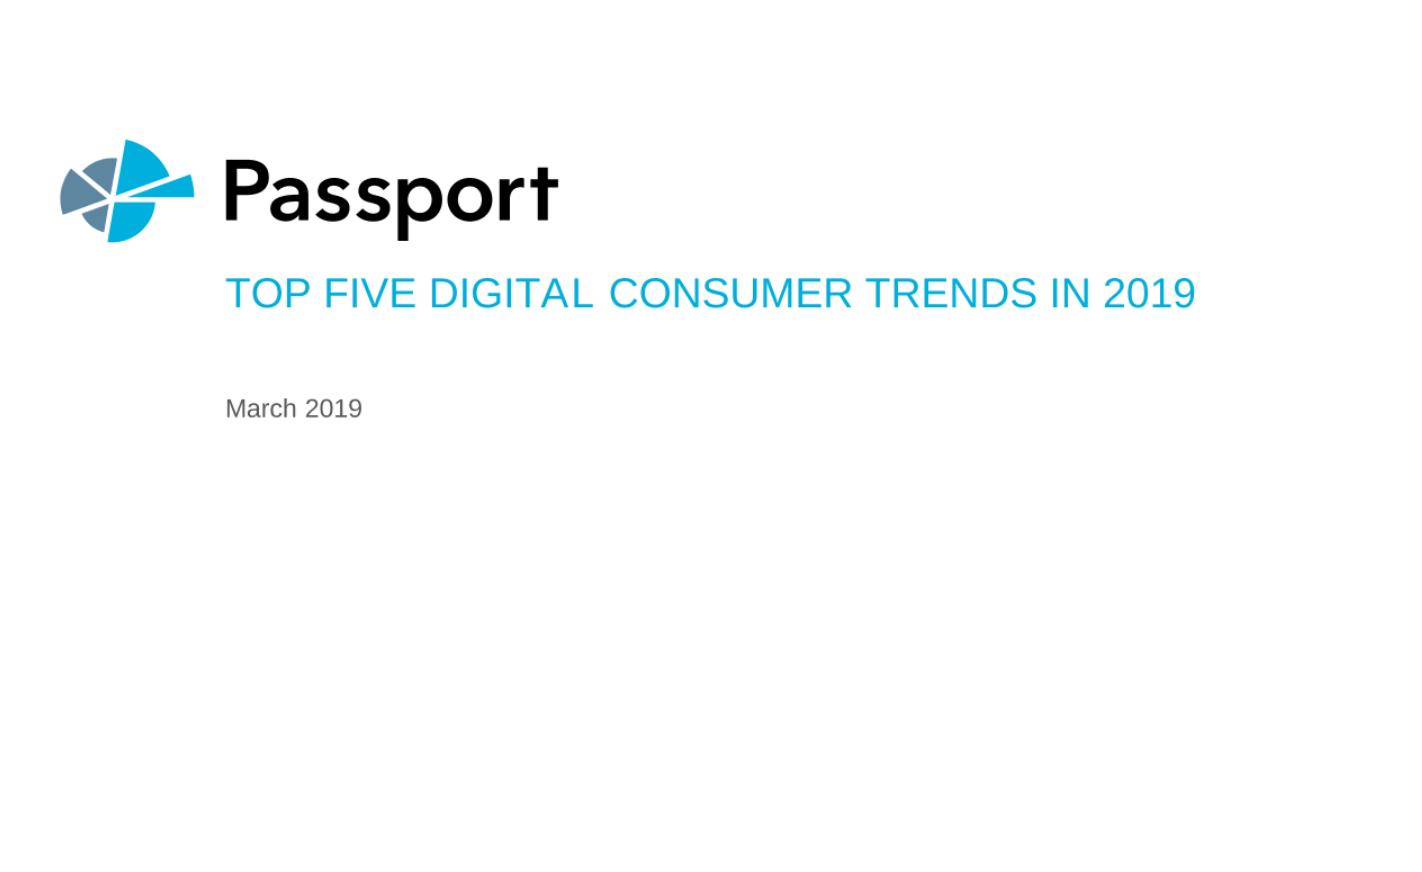 [REPORT] Top 5 Digital Consumer Trends in 2019 – PASSPORT